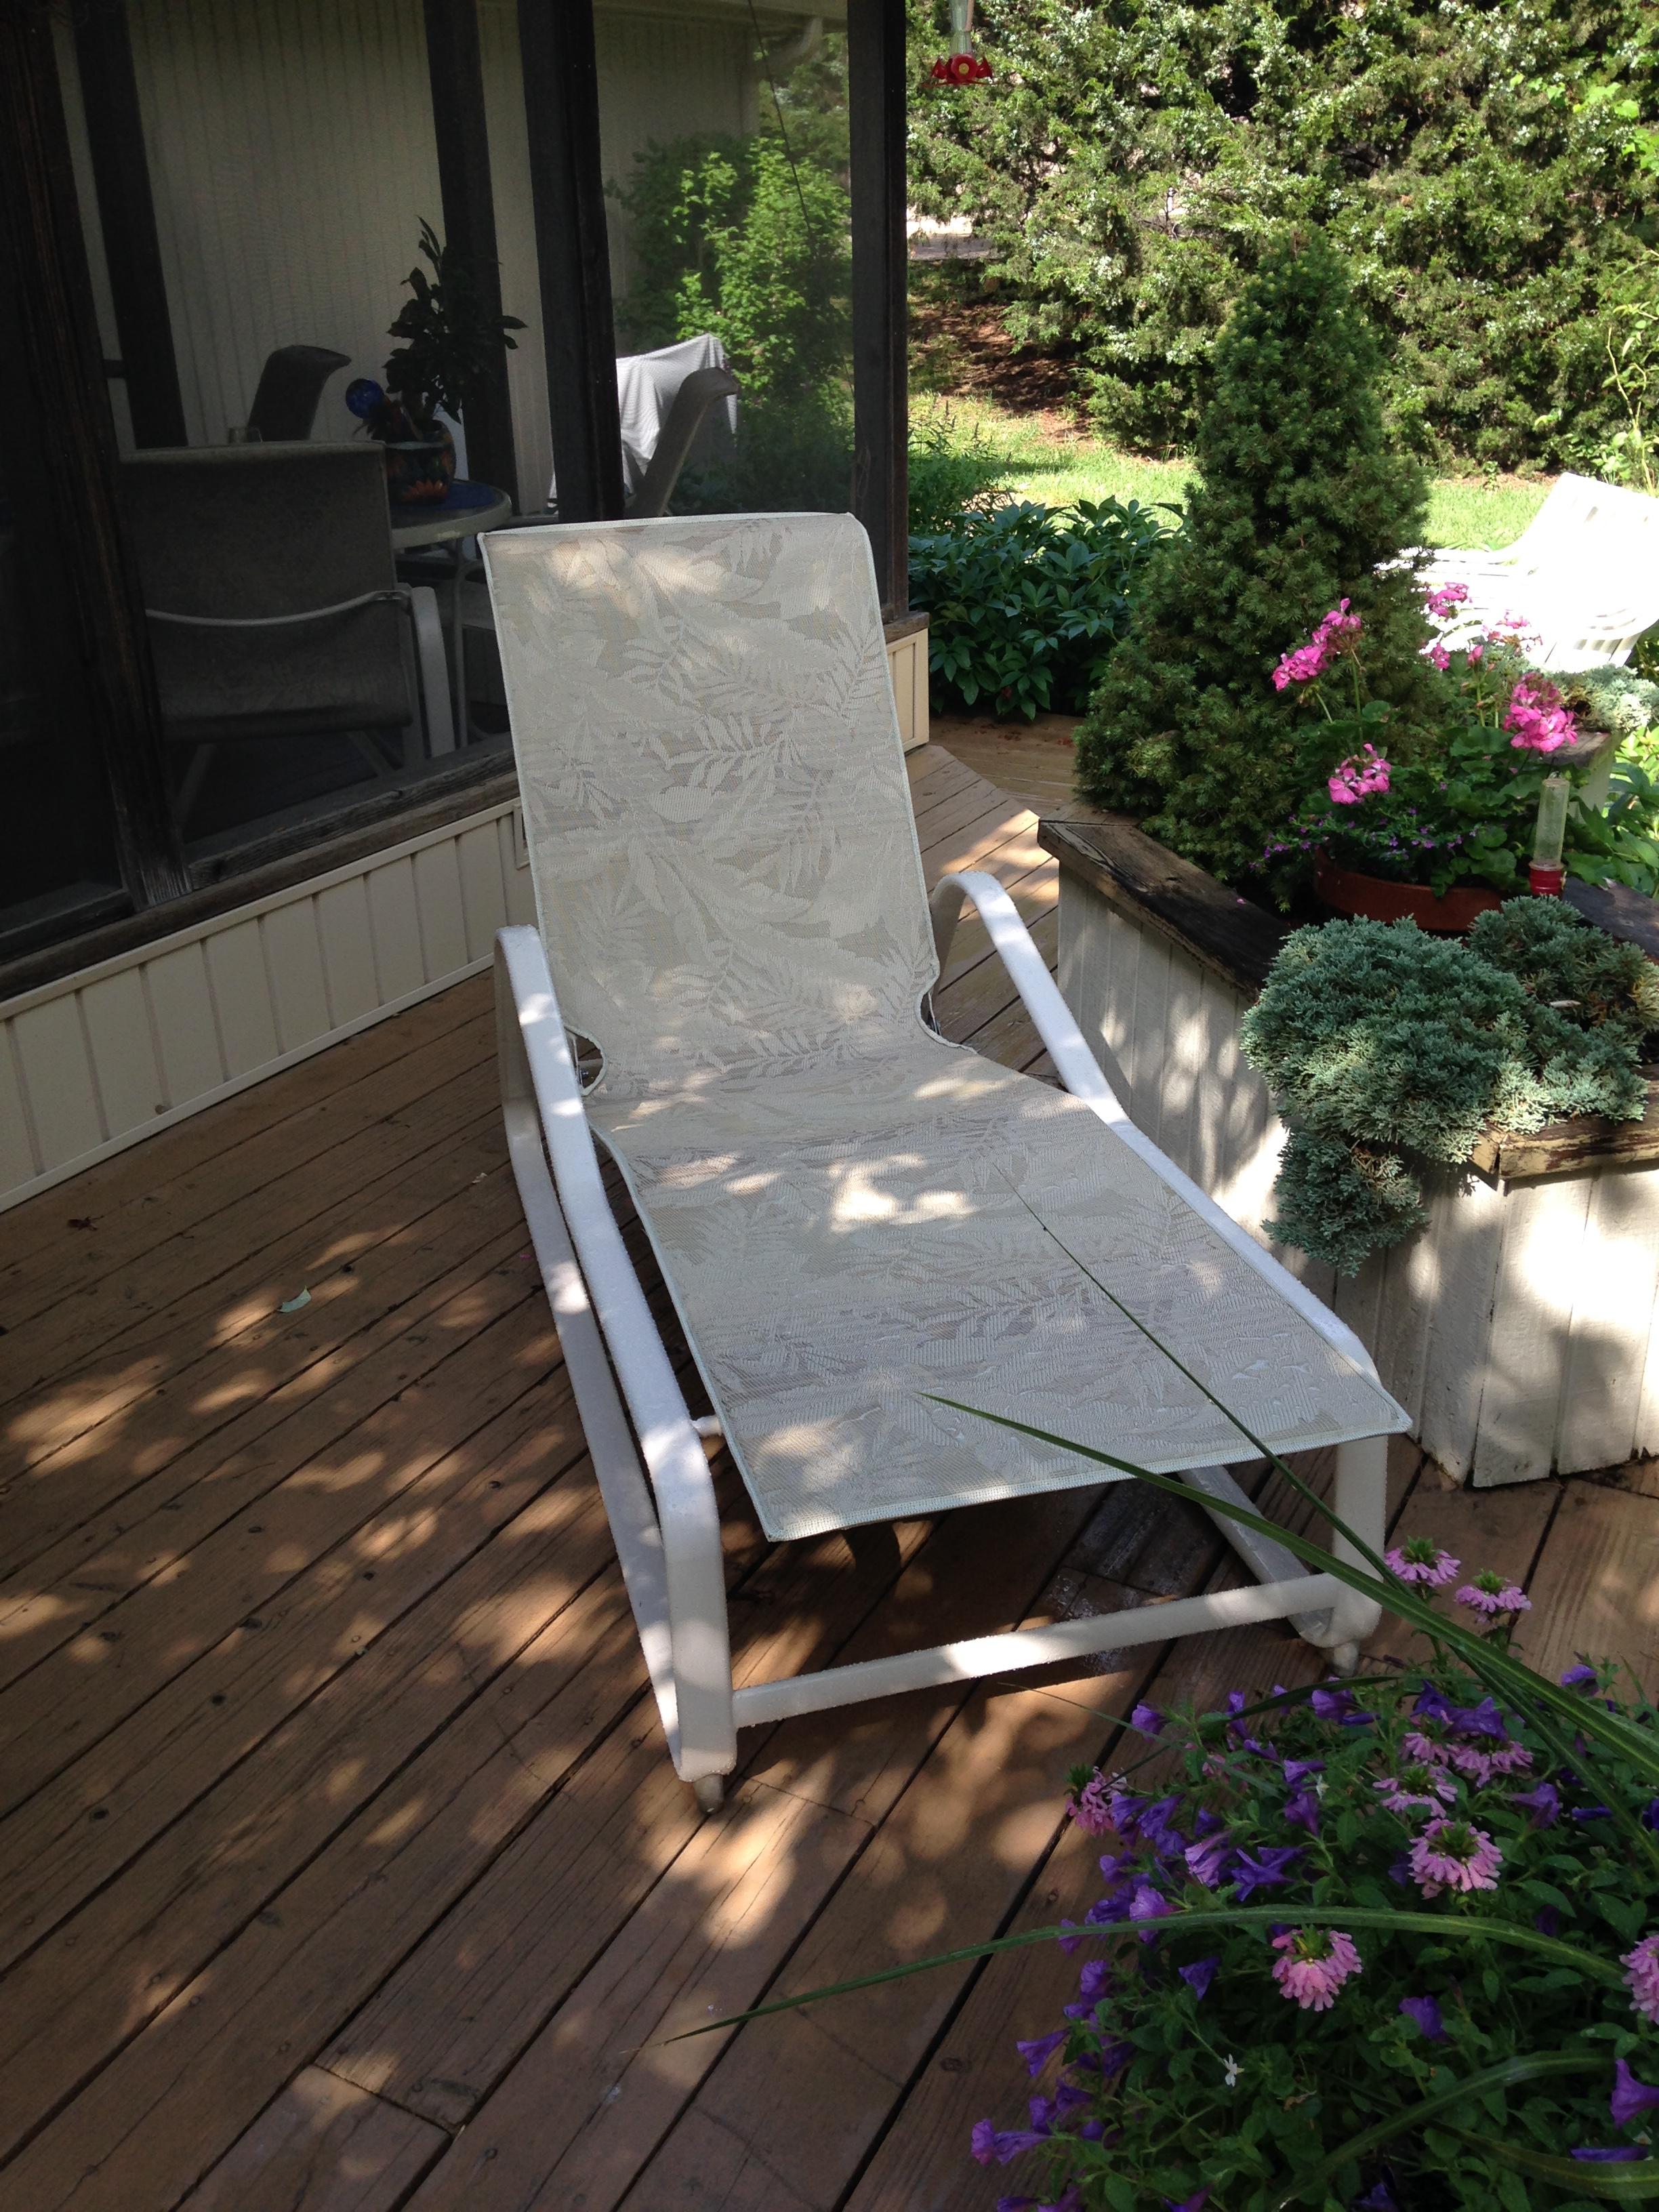 - Chesapeake # 9210 Chaise in Sumba Java